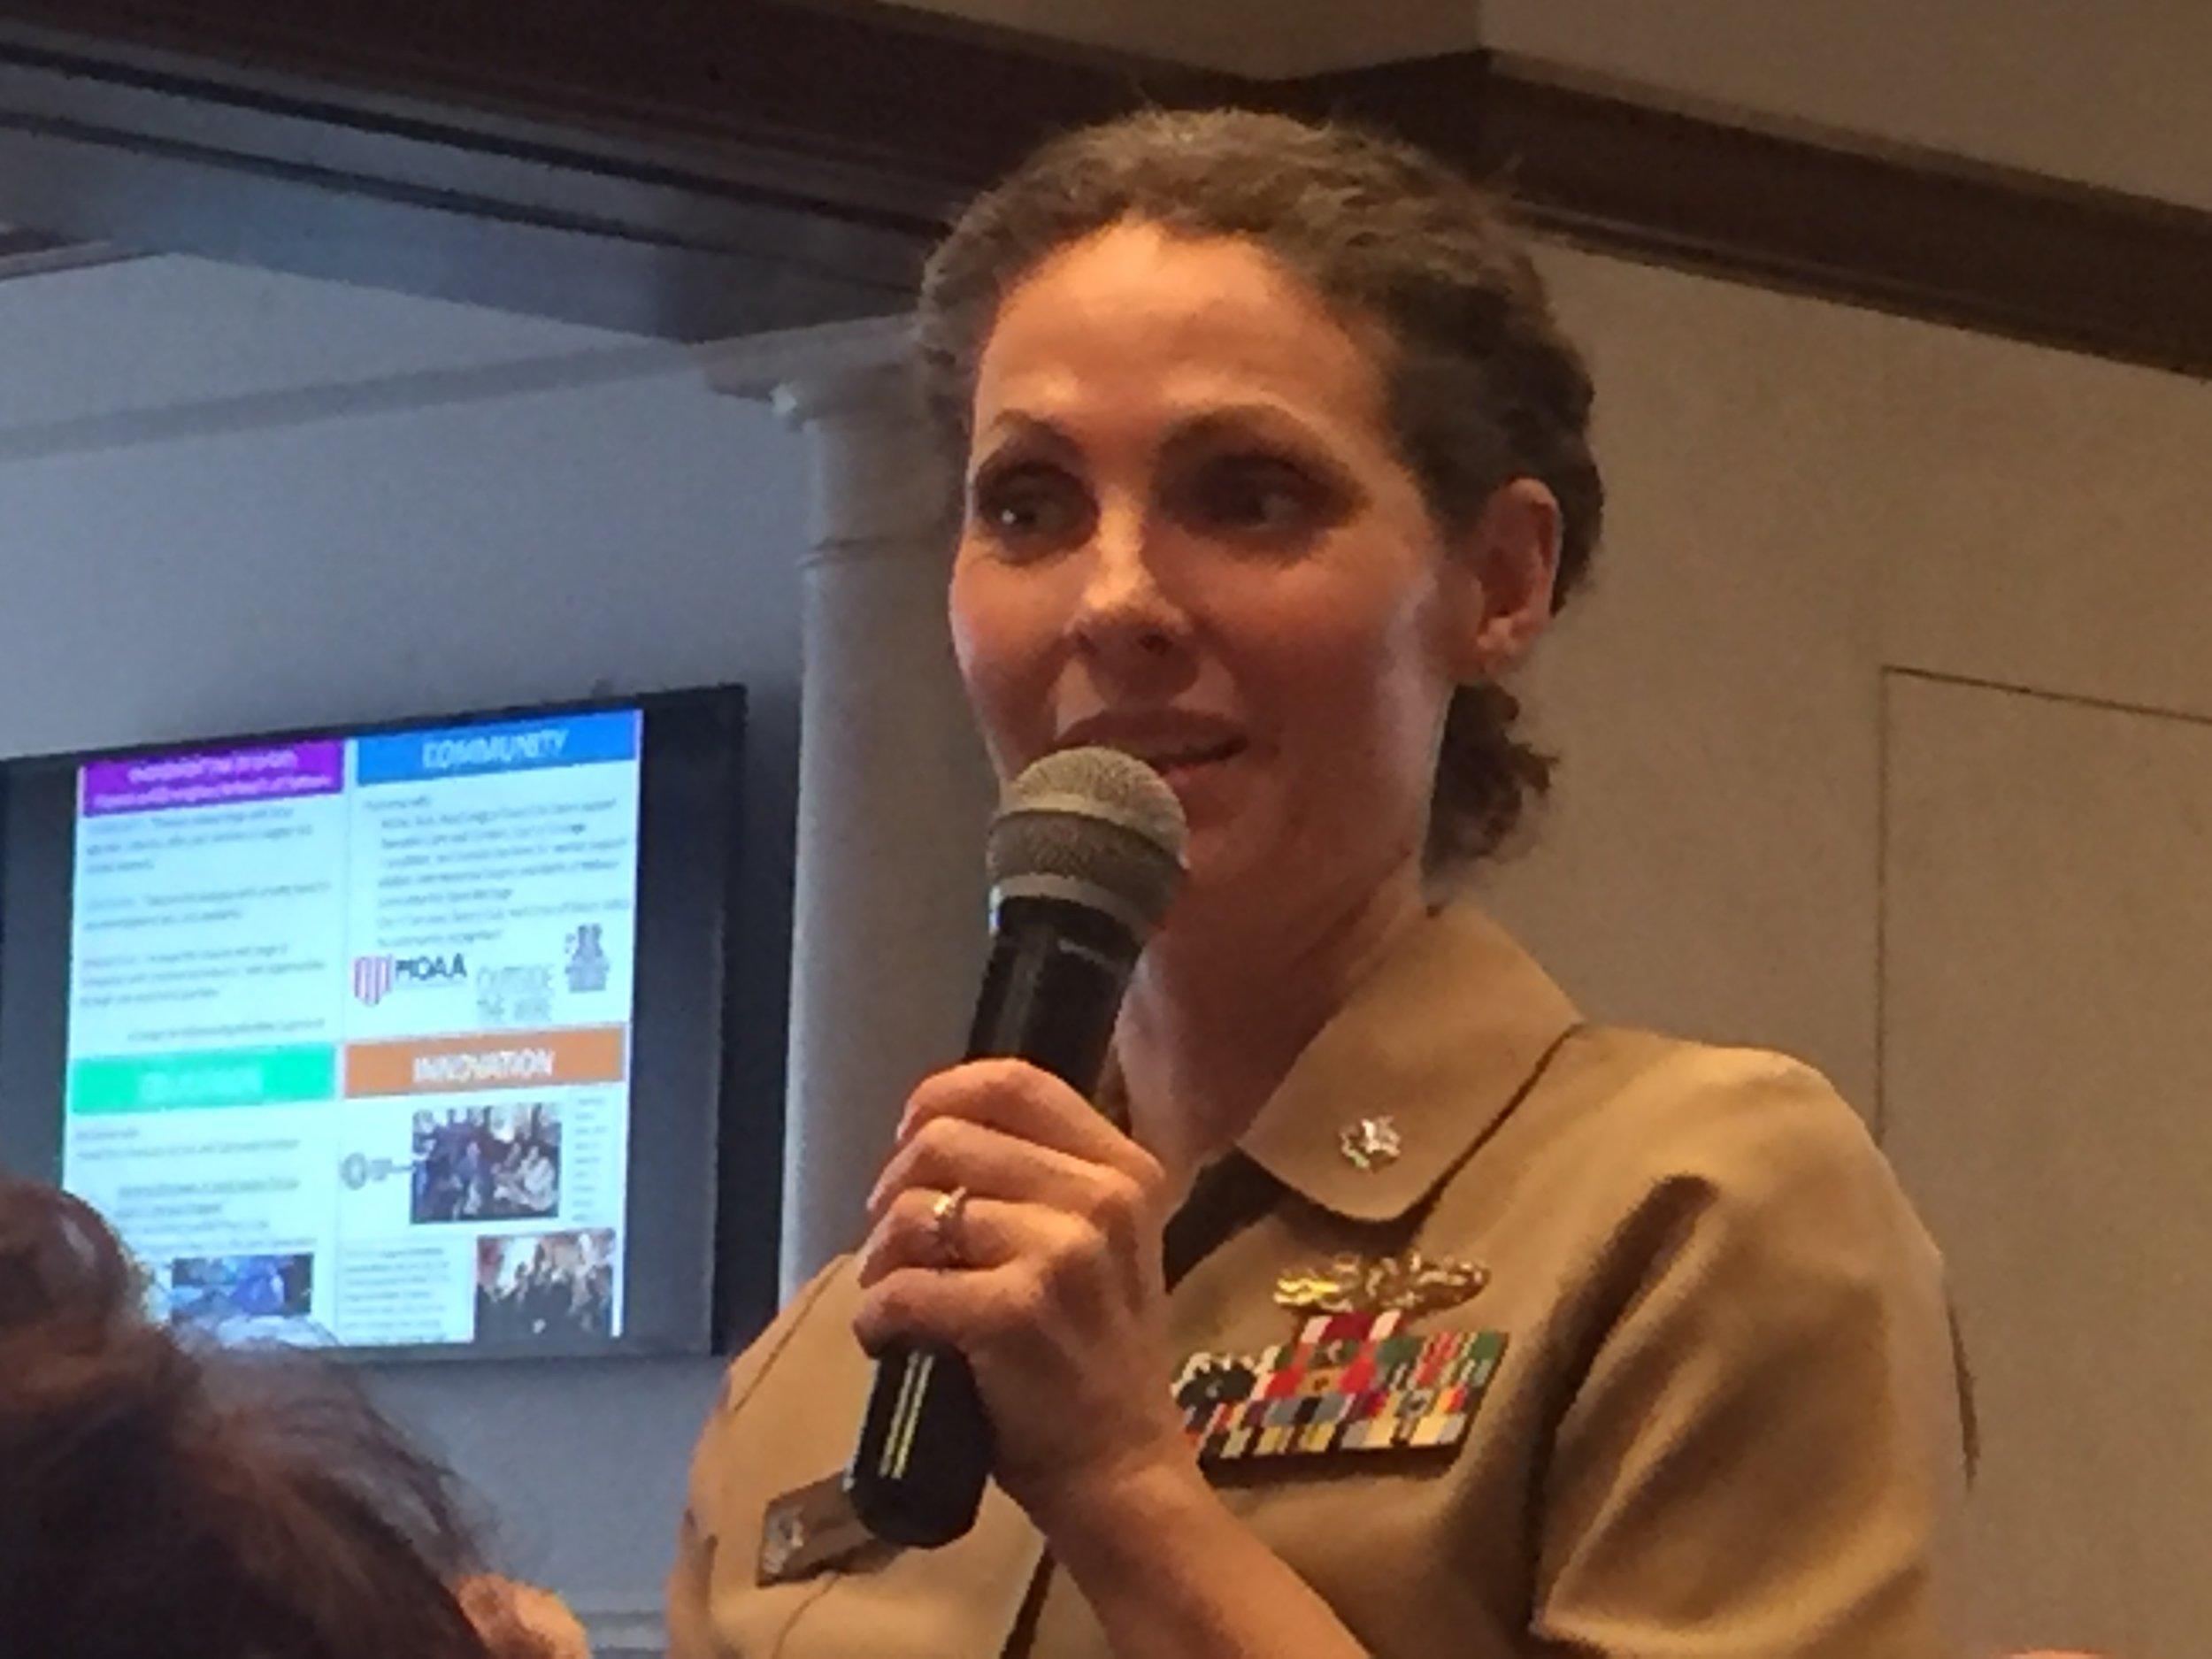 CDR Amy Hunt, USNR